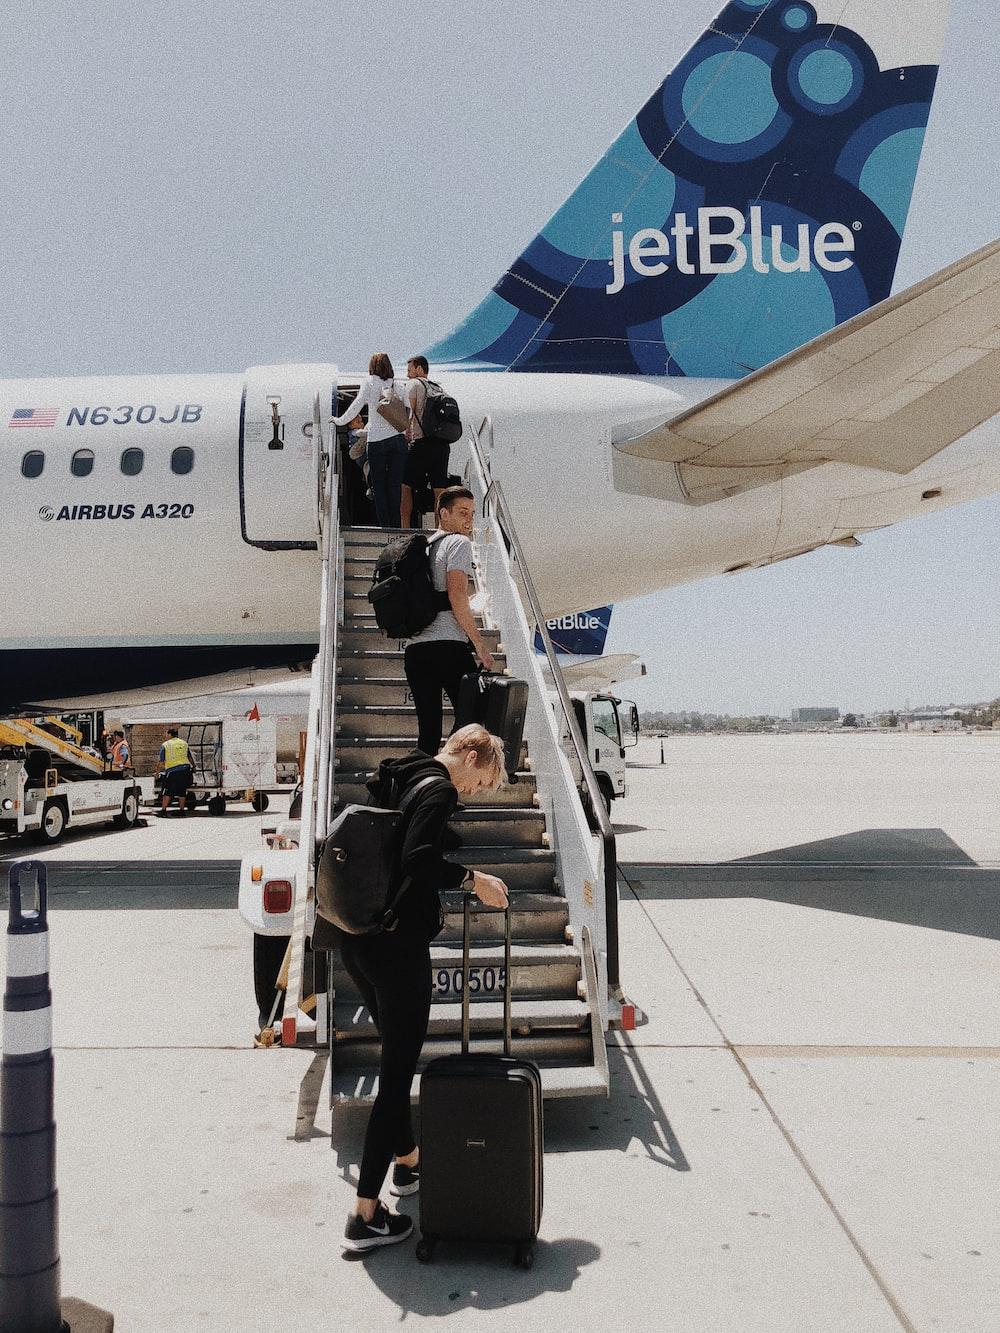 people walking on plane stair during daytime